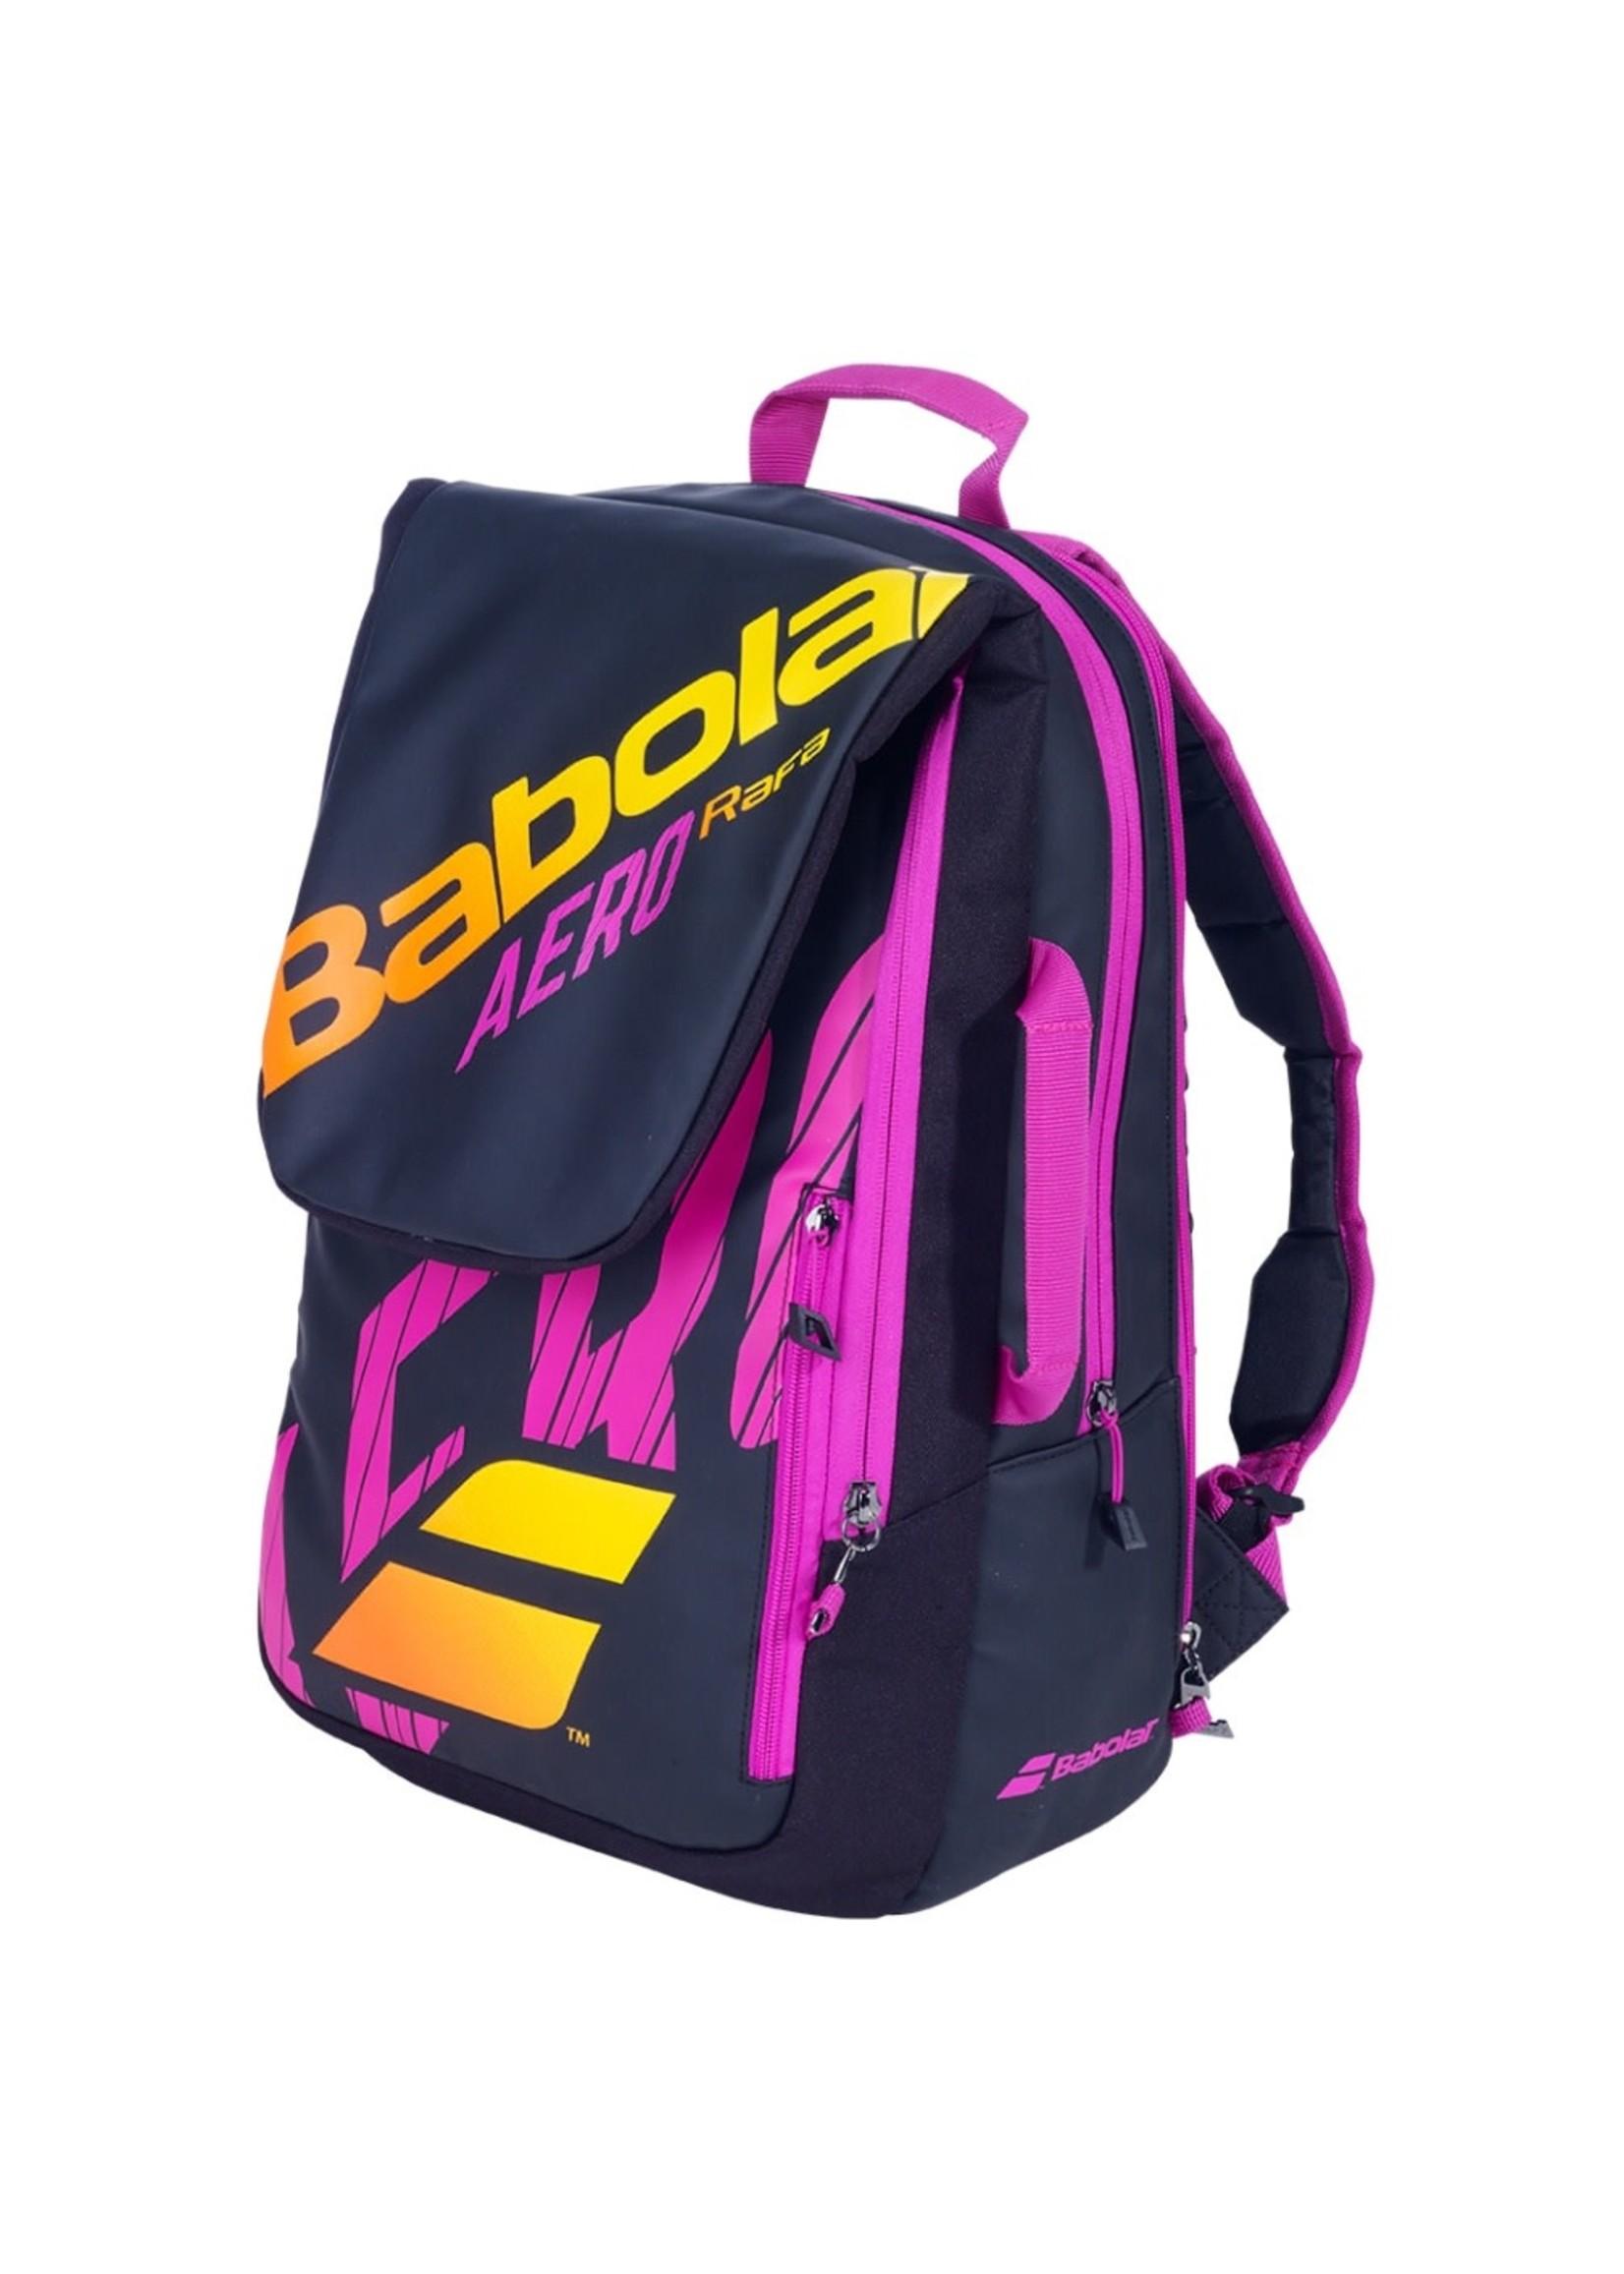 Babolat Babolat Pure Aero Rafa Backpack (2021)